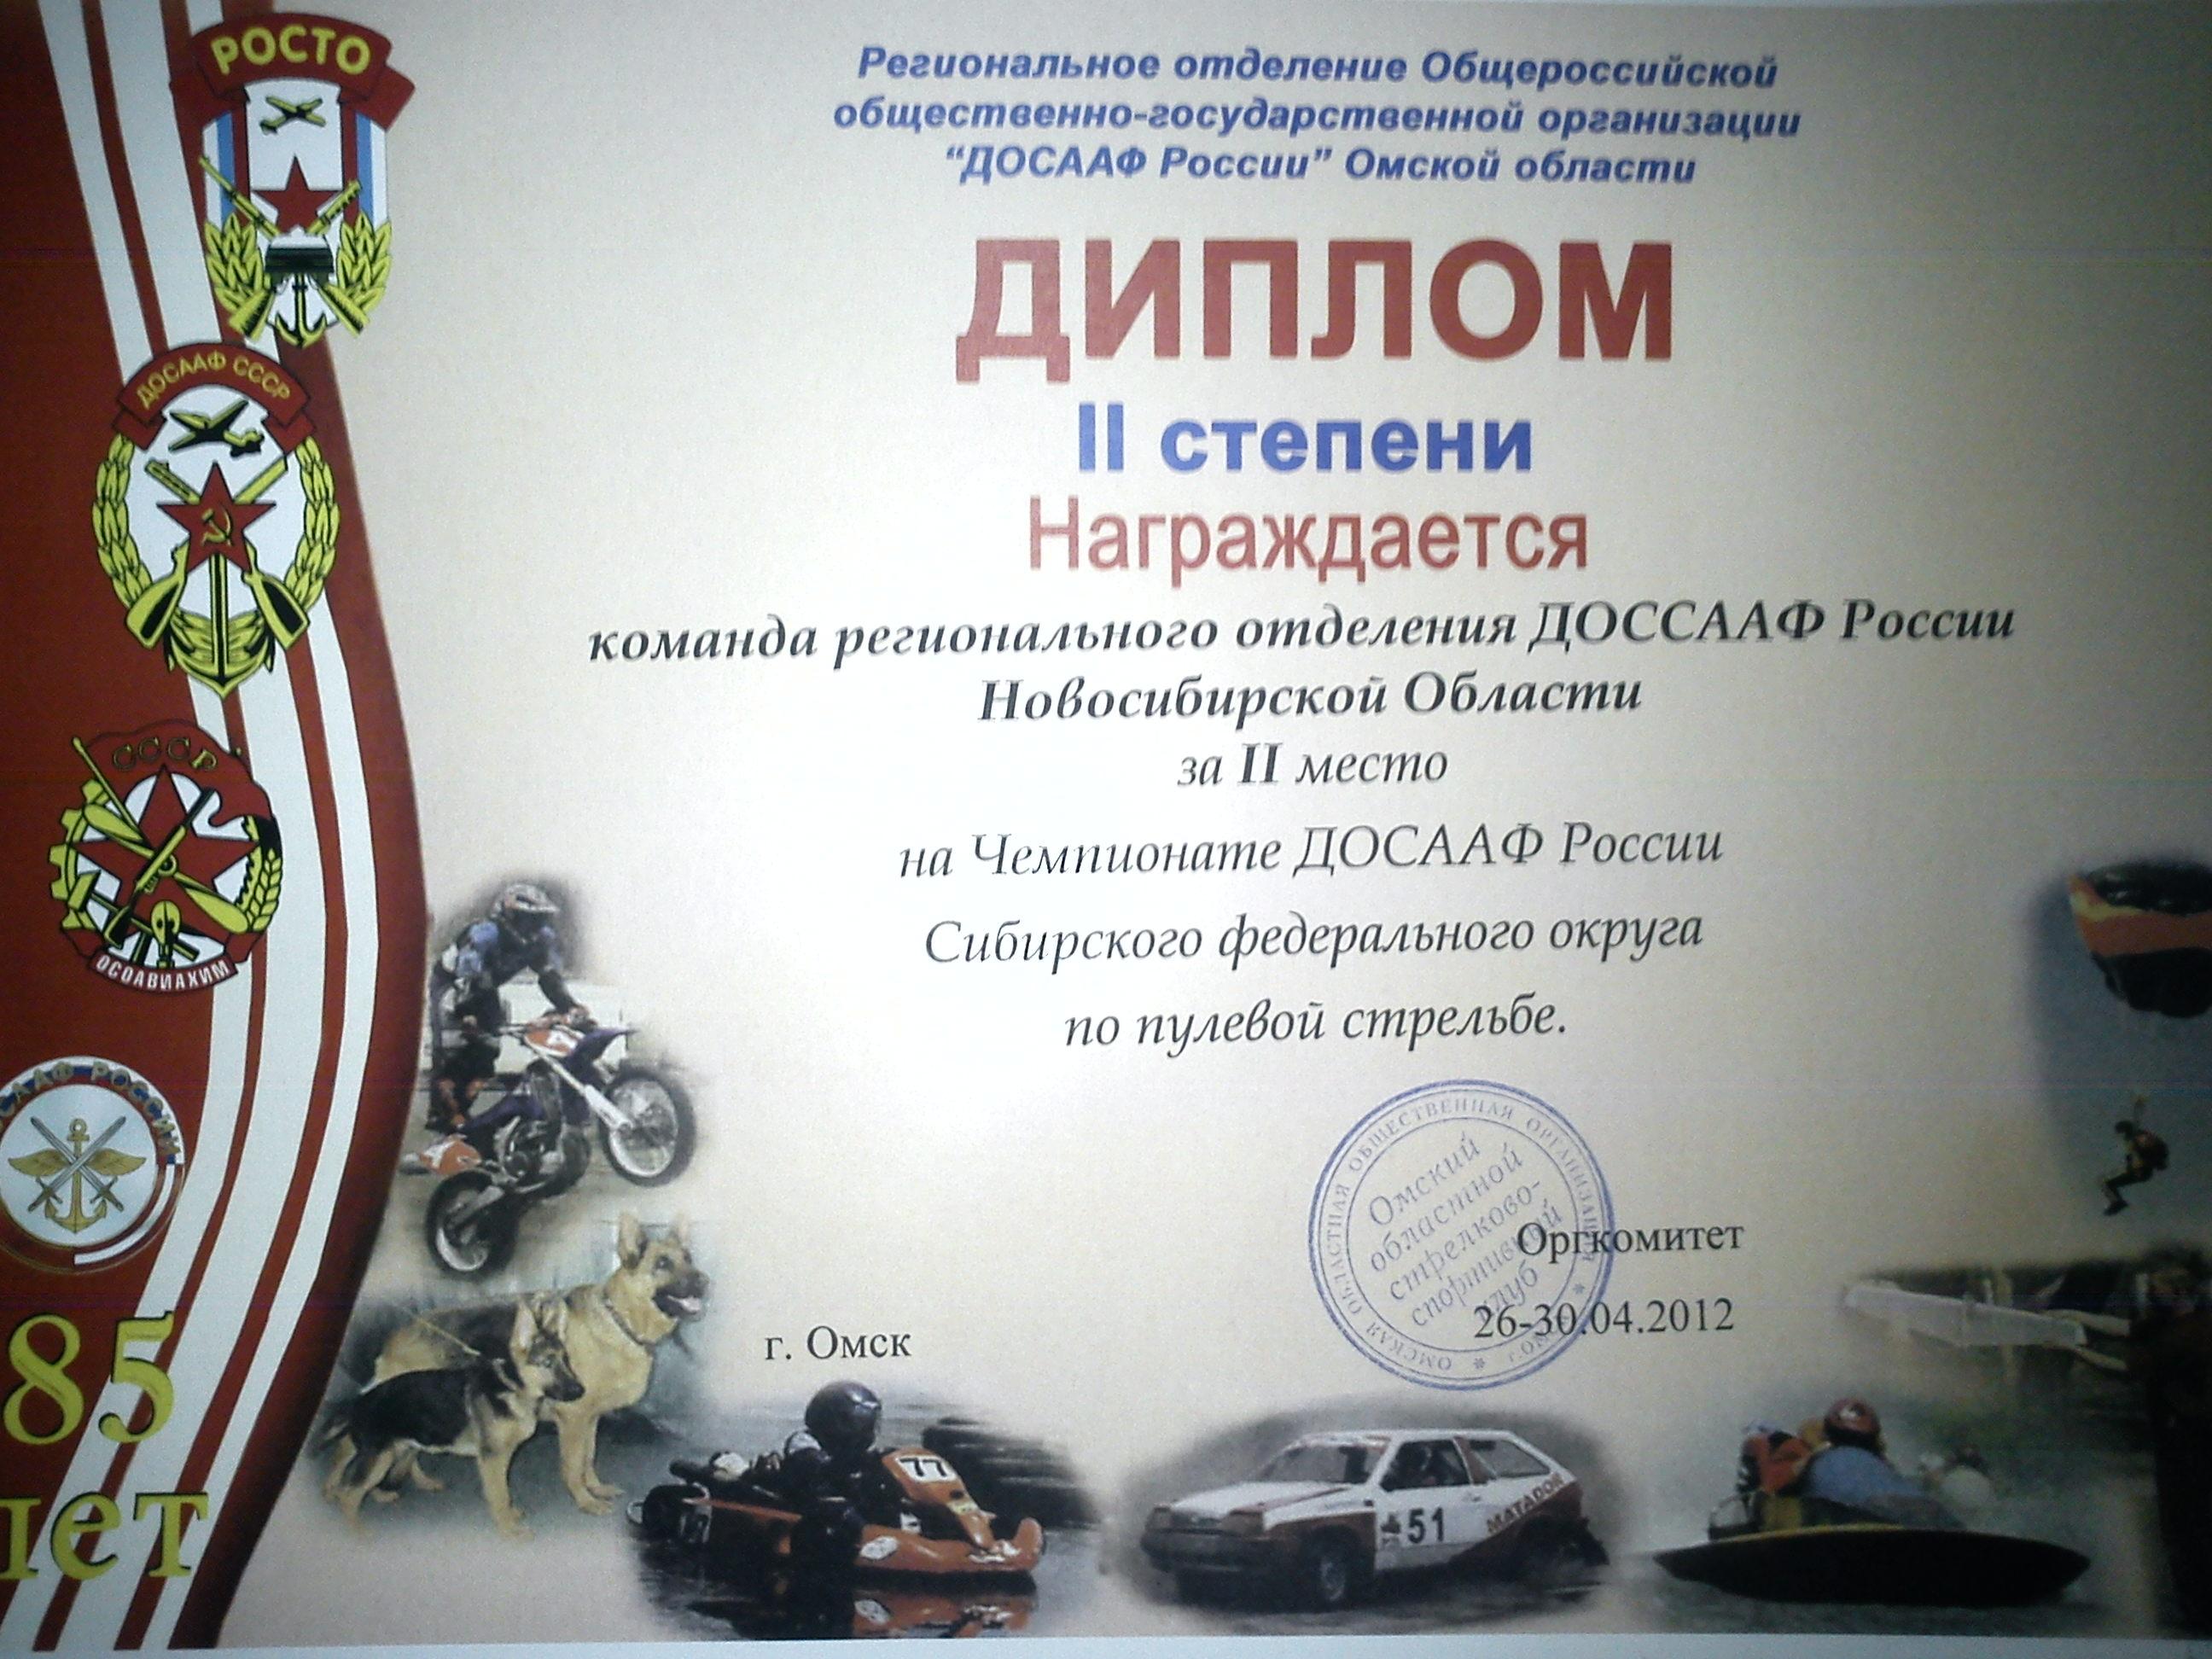 Новости из Омска - Чемпионат ДОСААФ